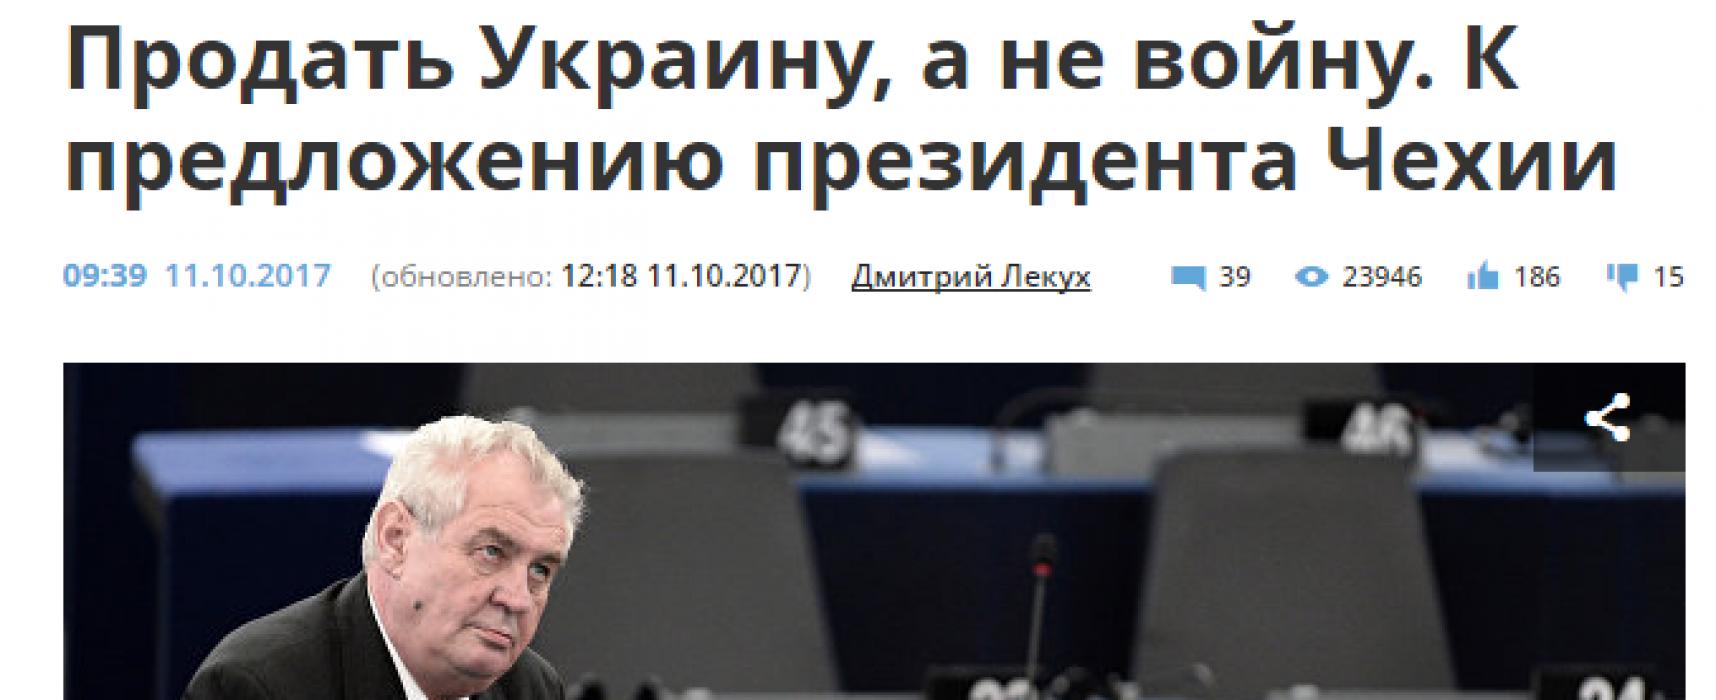 """Los aplausos de la prensa pro-Kremlin a la propuesta del presidente checo de """"vender Crimea"""""""